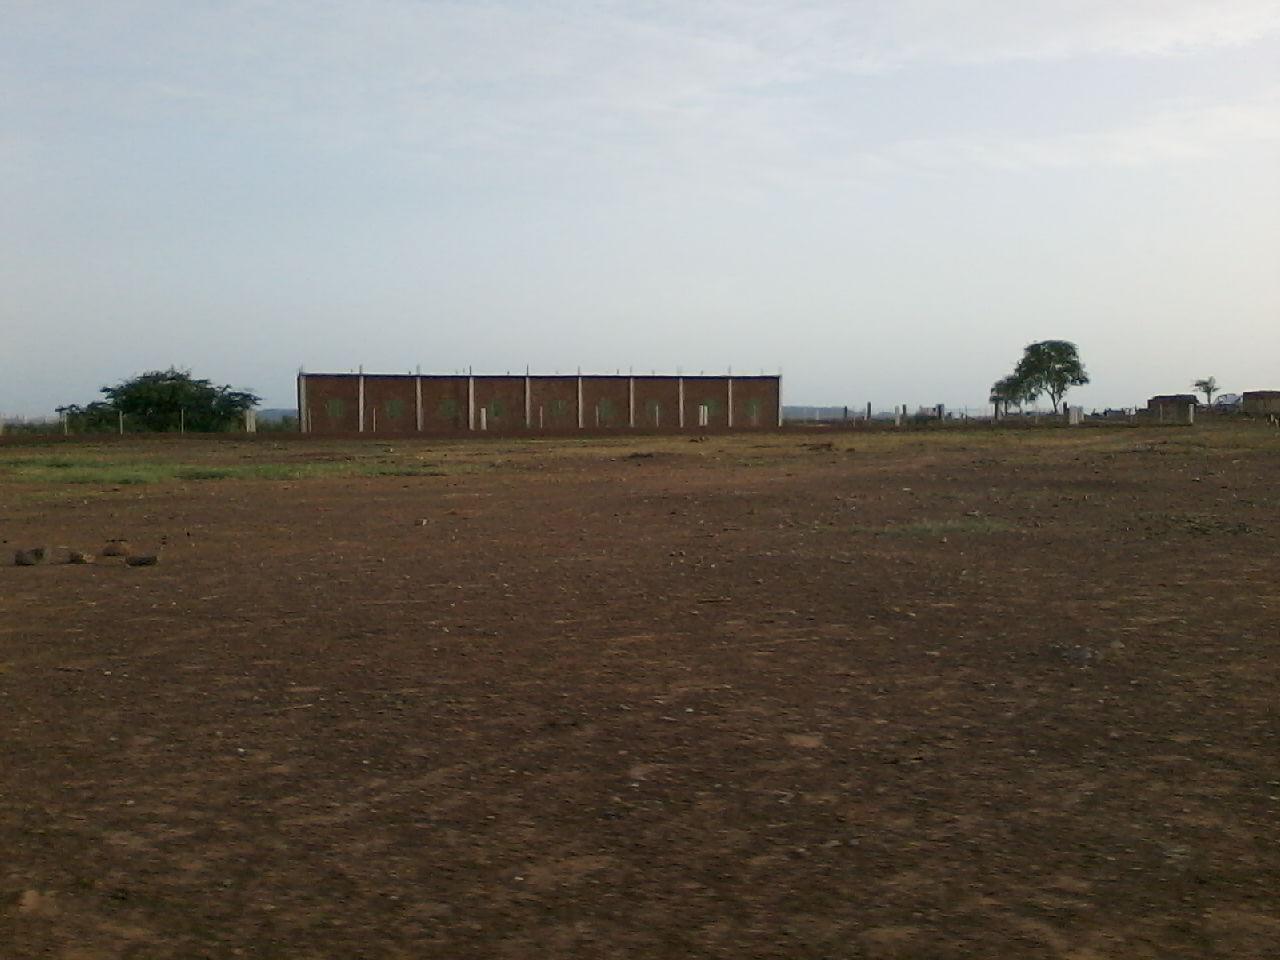 المدرسة التي شهدت الحادثة